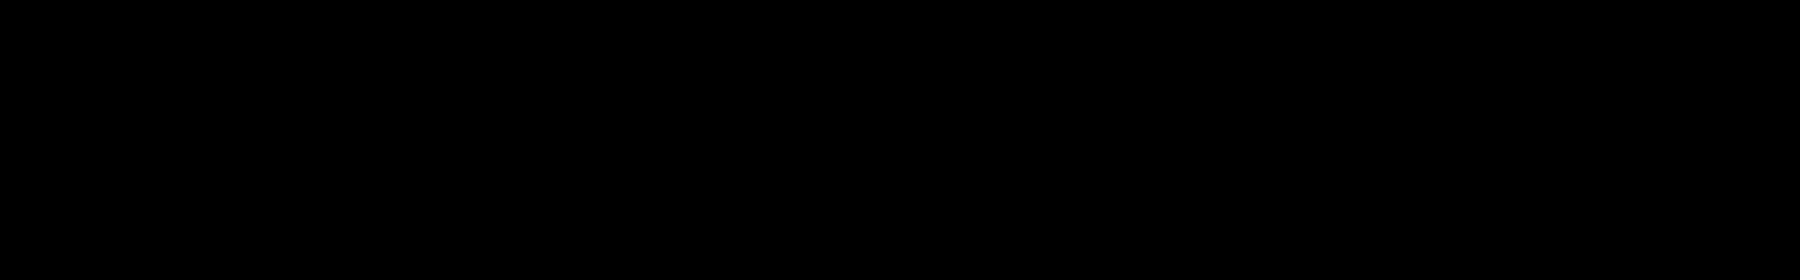 Dark Bass audio waveform